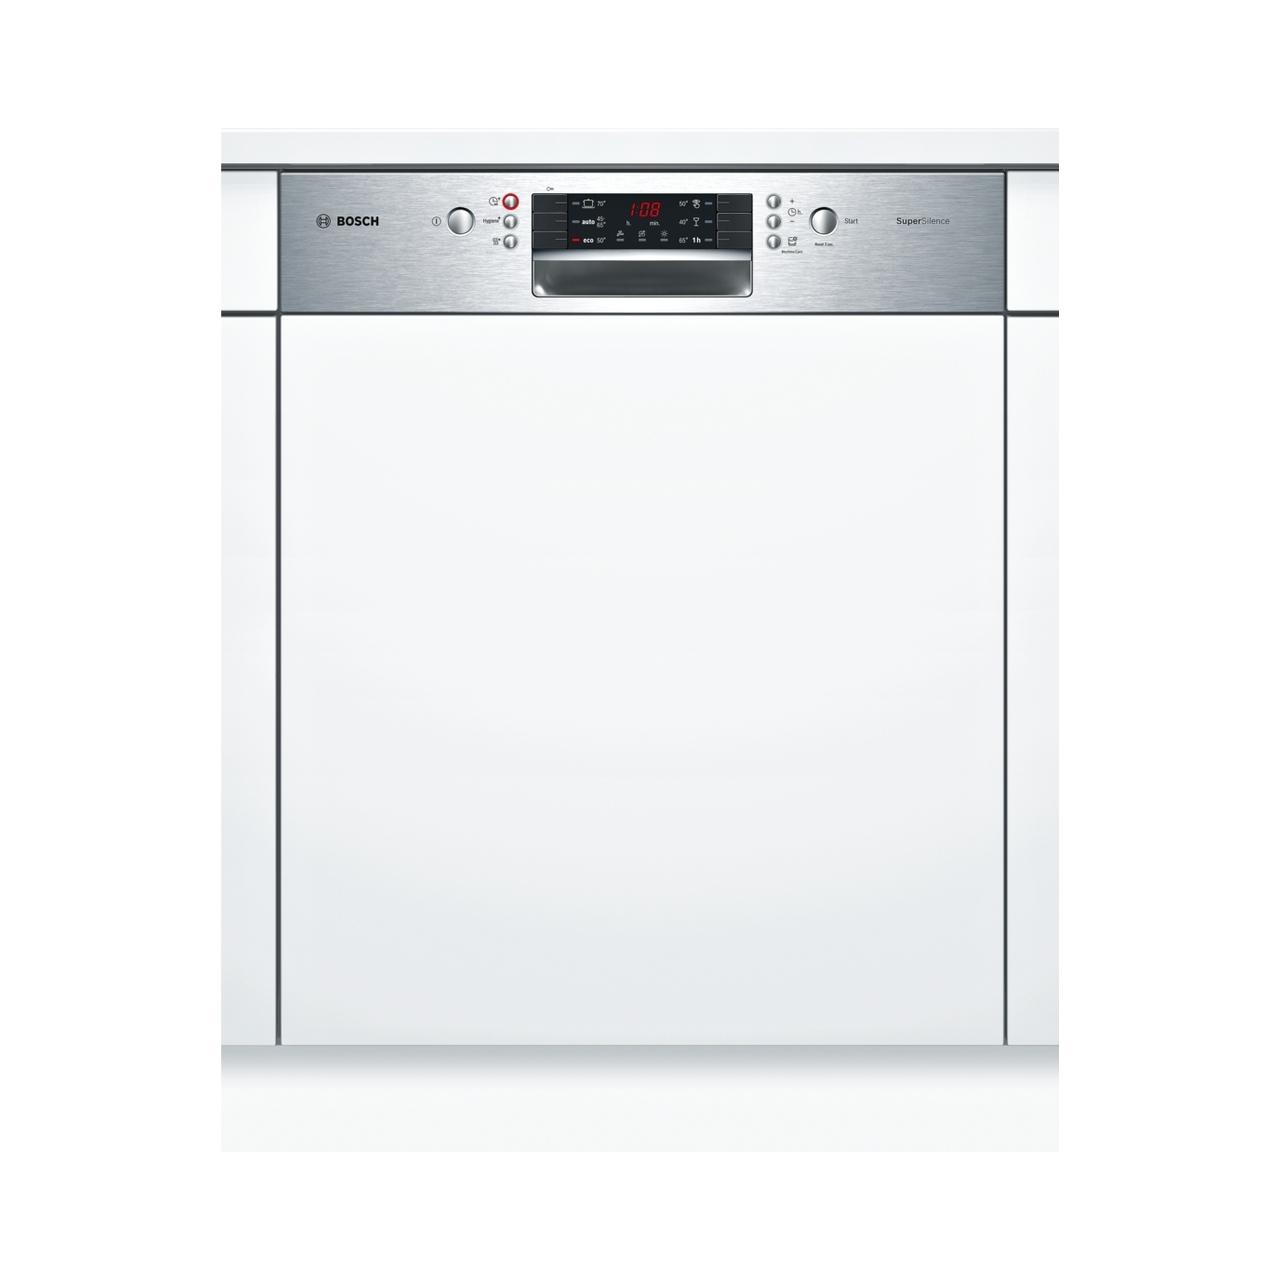 Máy rửa bát âm tủ BOSCH SMI46IS09E Serie 4